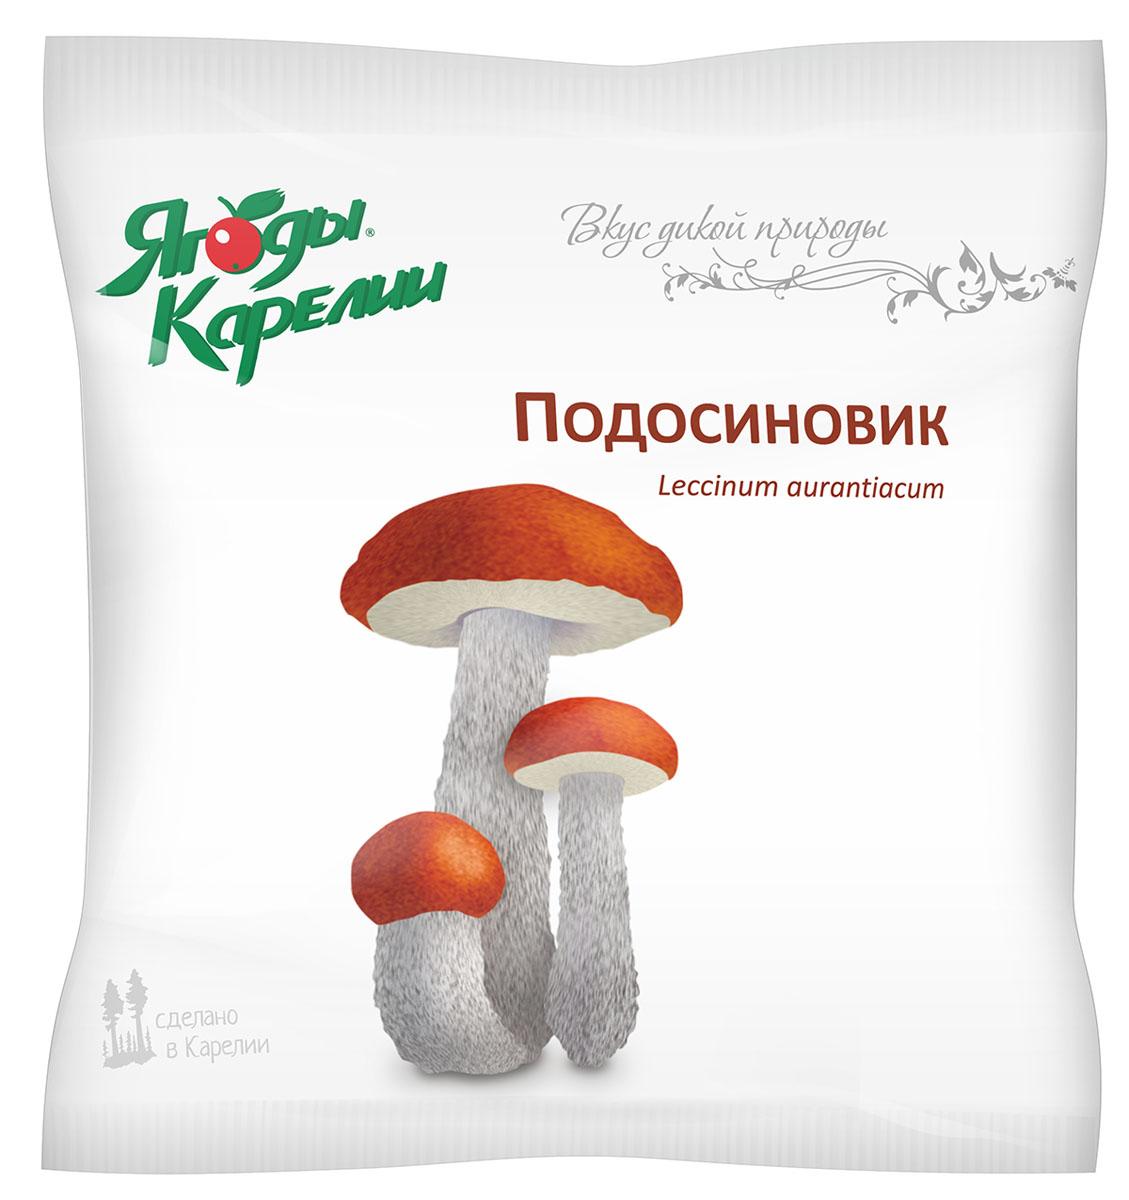 Ягоды Карелии Подозиновик резаный быстрозамороженный, 200 г ягоды карелии сироп красносмородиновый с мякотью 0 51 л